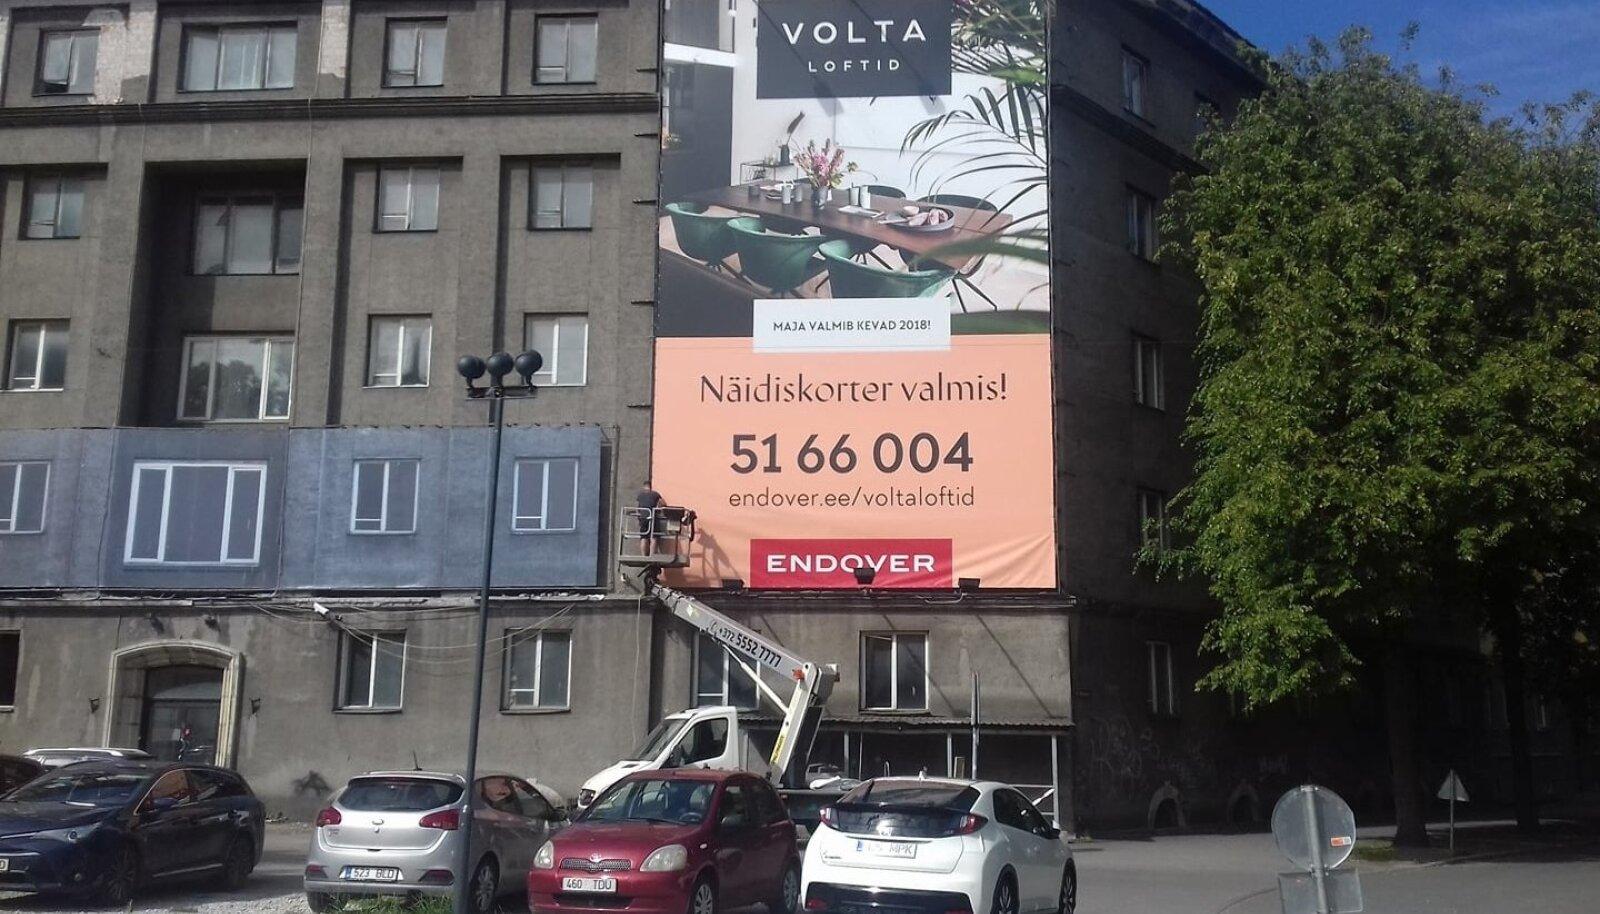 Volta Lofti reklaam võetakse maha